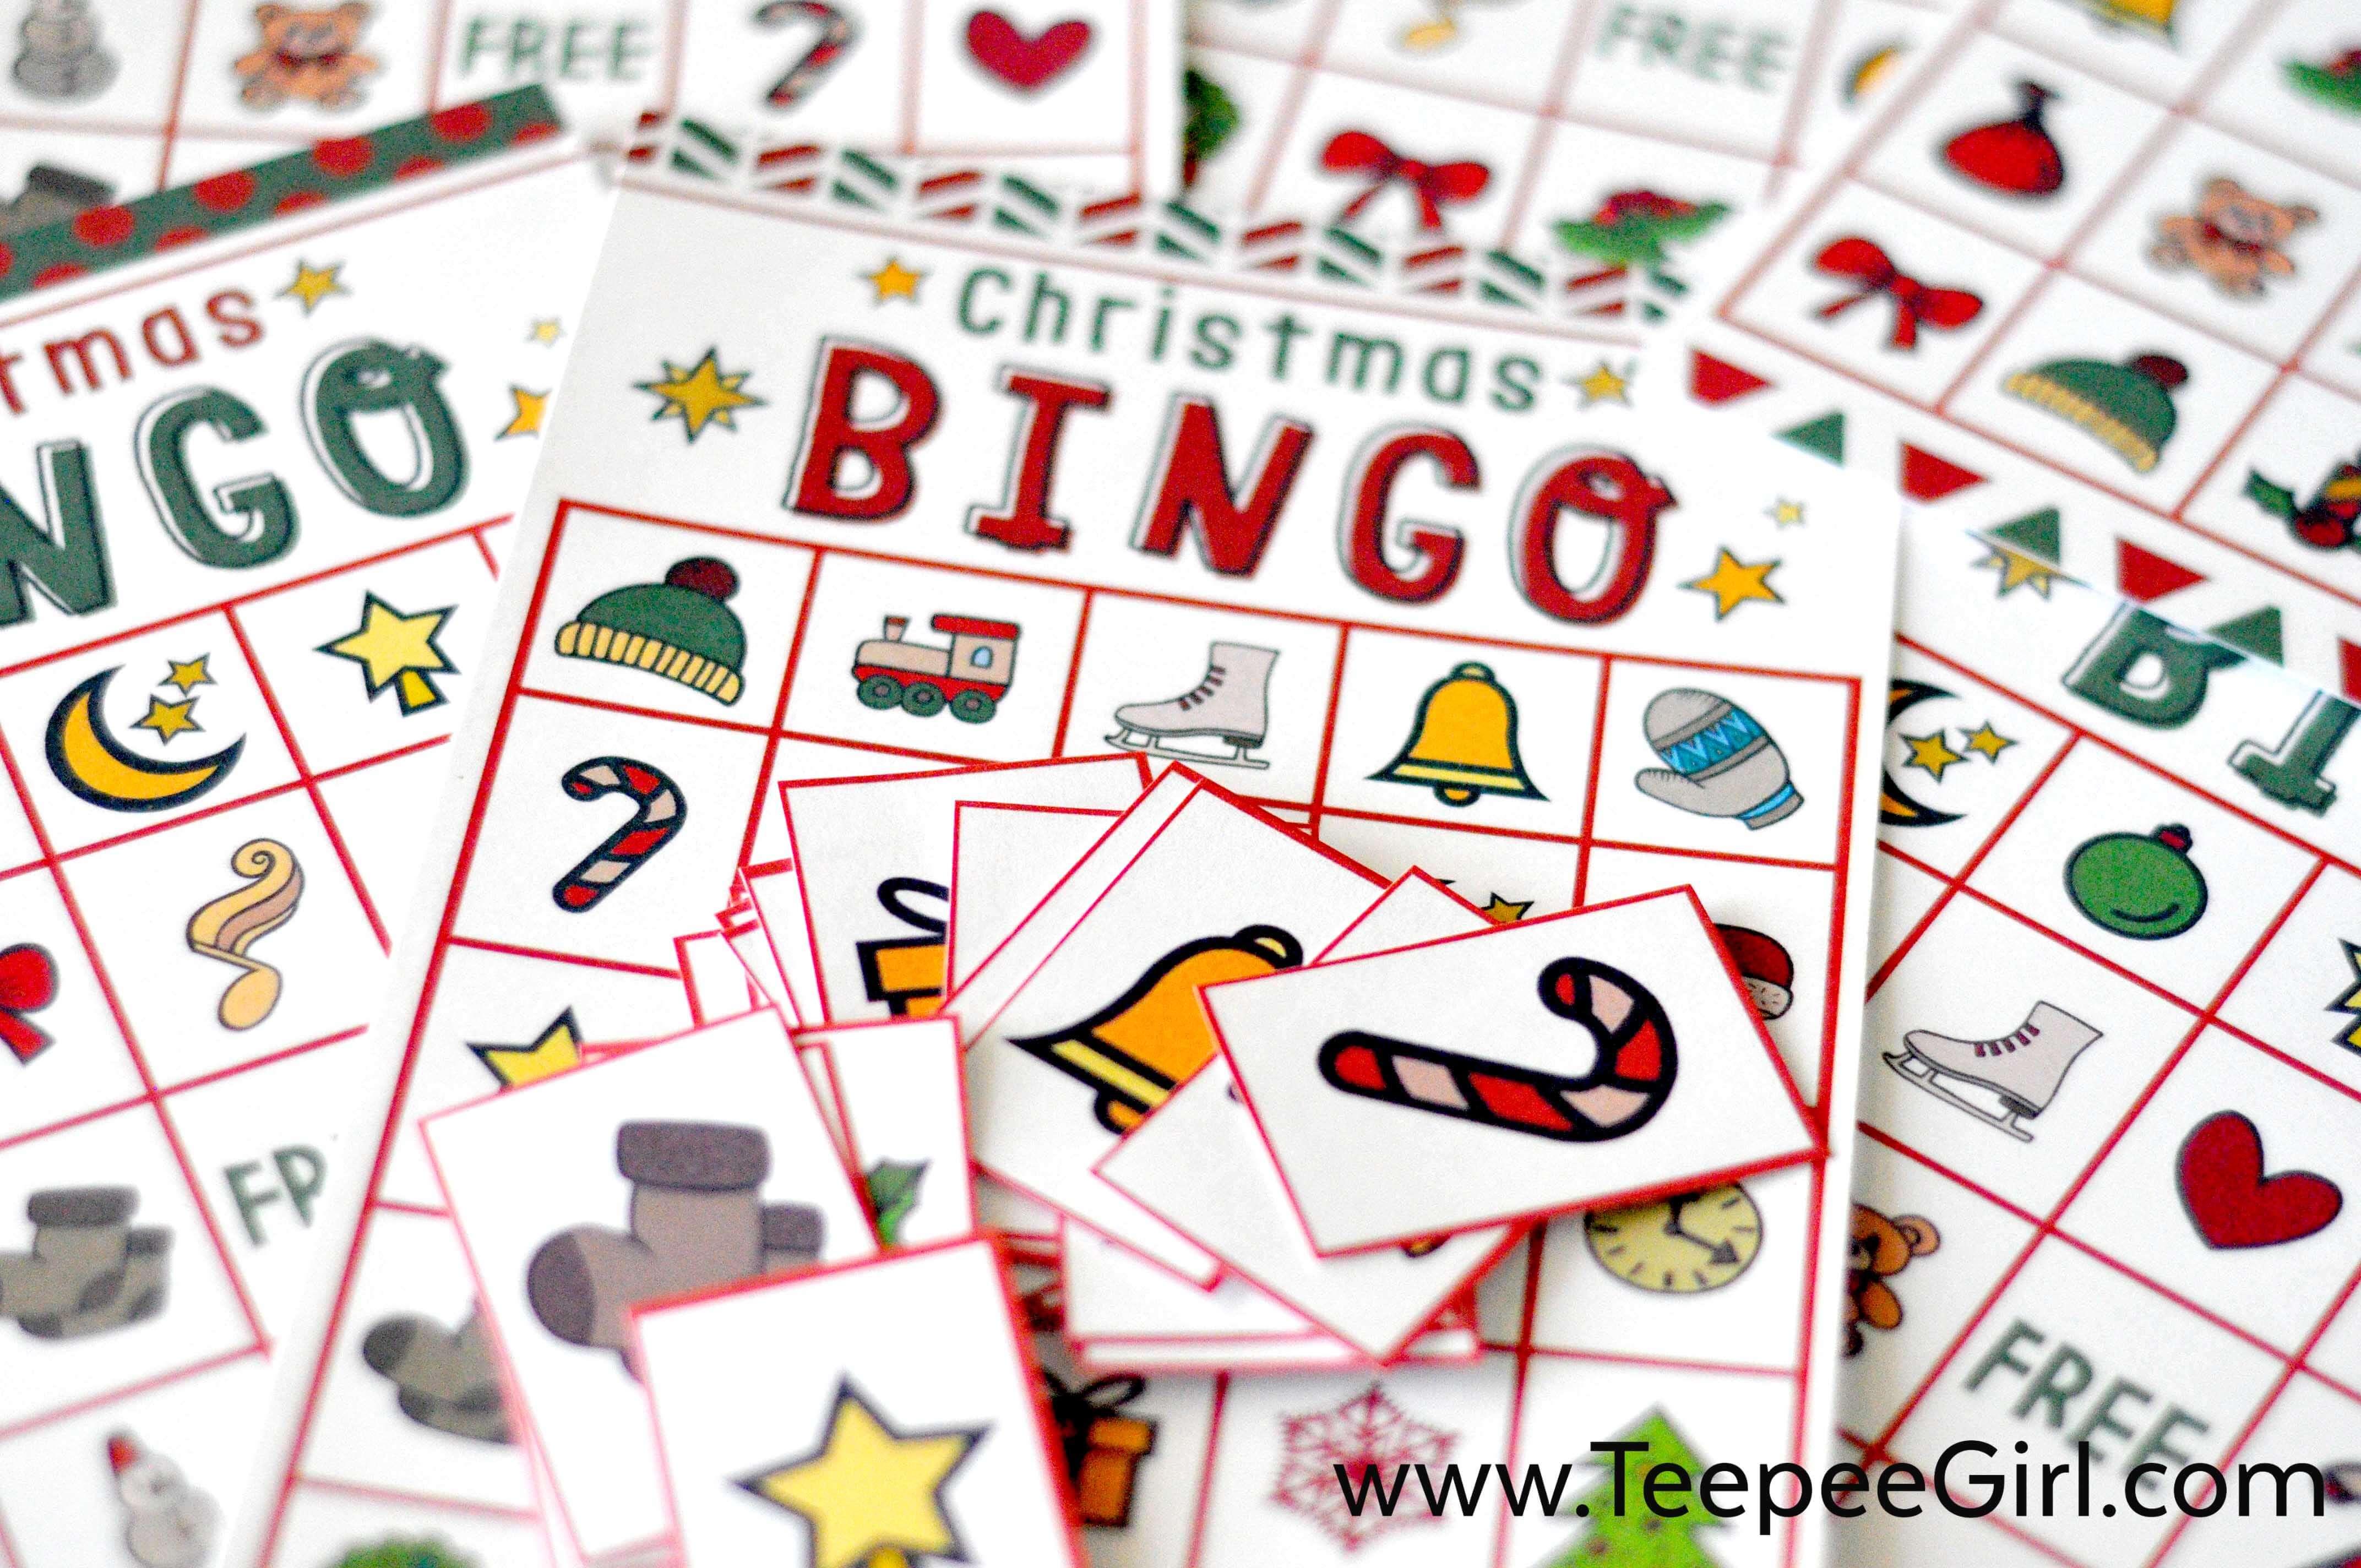 Free Christmas Bingo Game Printable - Free Printable Christmas Bingo